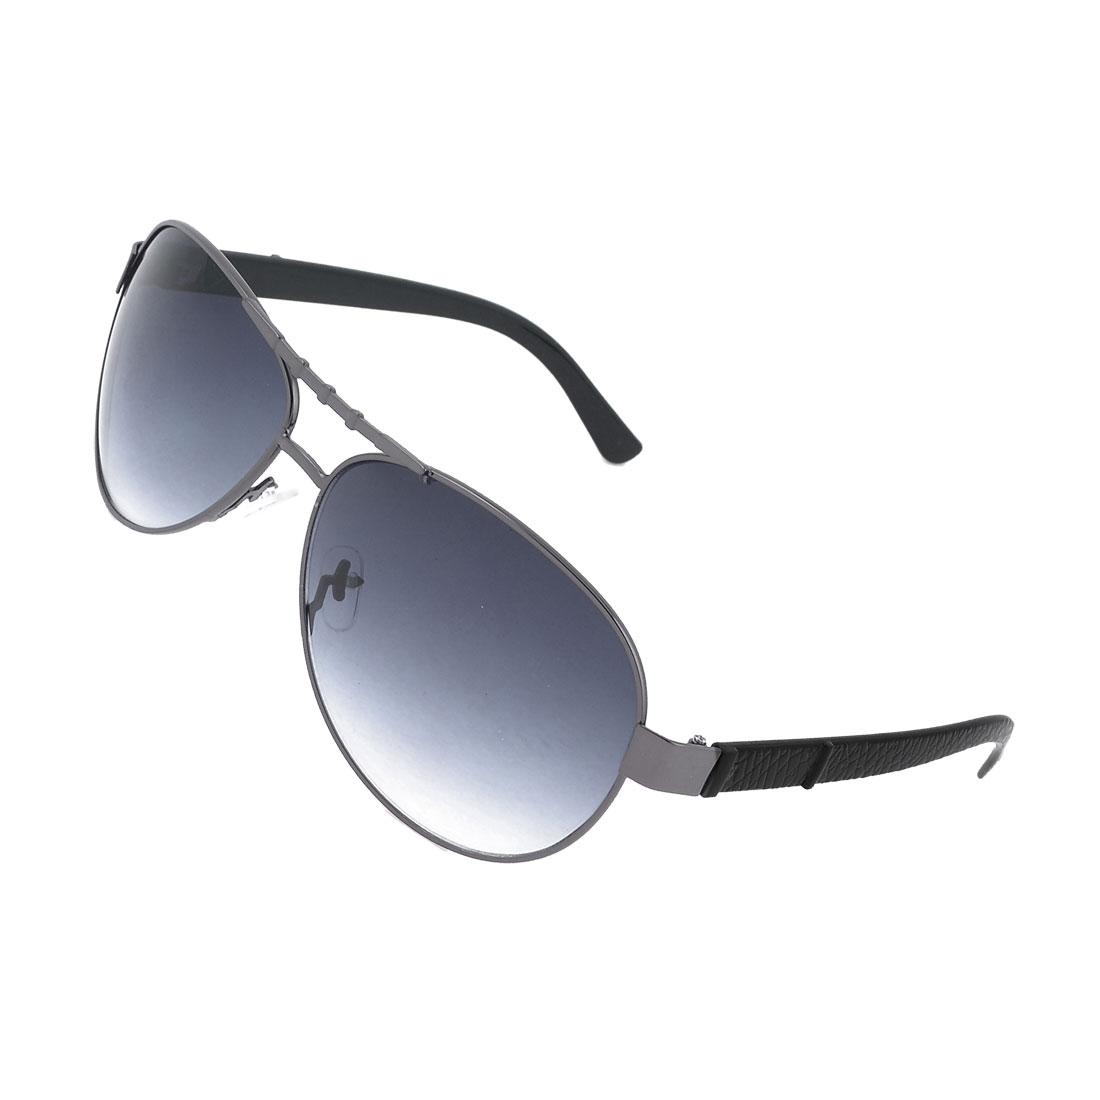 Gentlemen Full Frame Metal Brideg Black Lens Protective Glasses Sunglasses